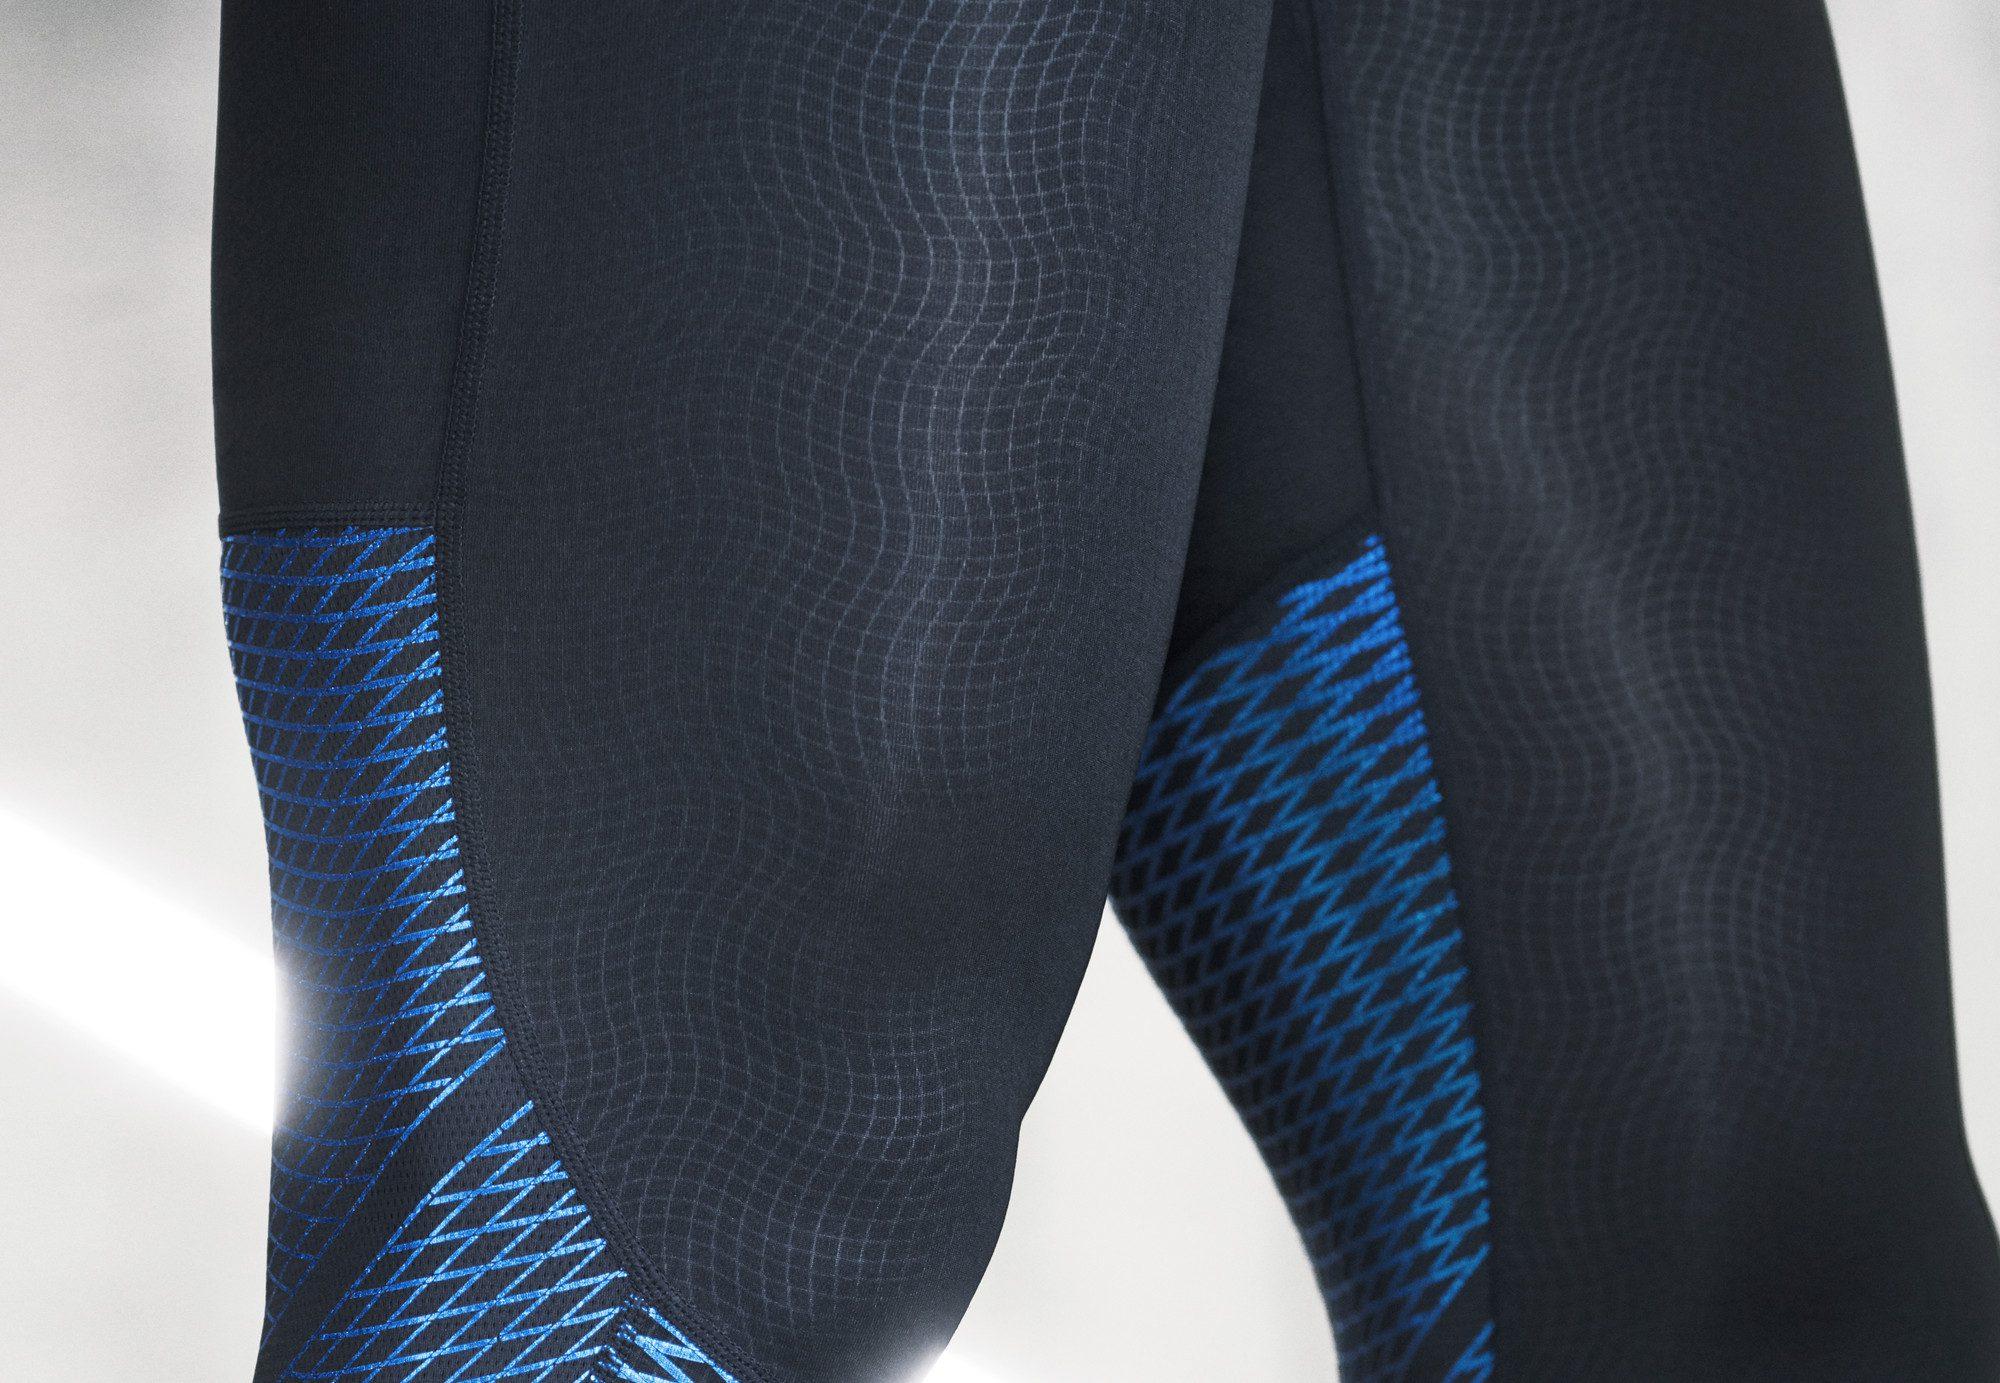 SP16_BSTY_Tights_NikePro_HypercoolMax_Detail2_02_original.jpg